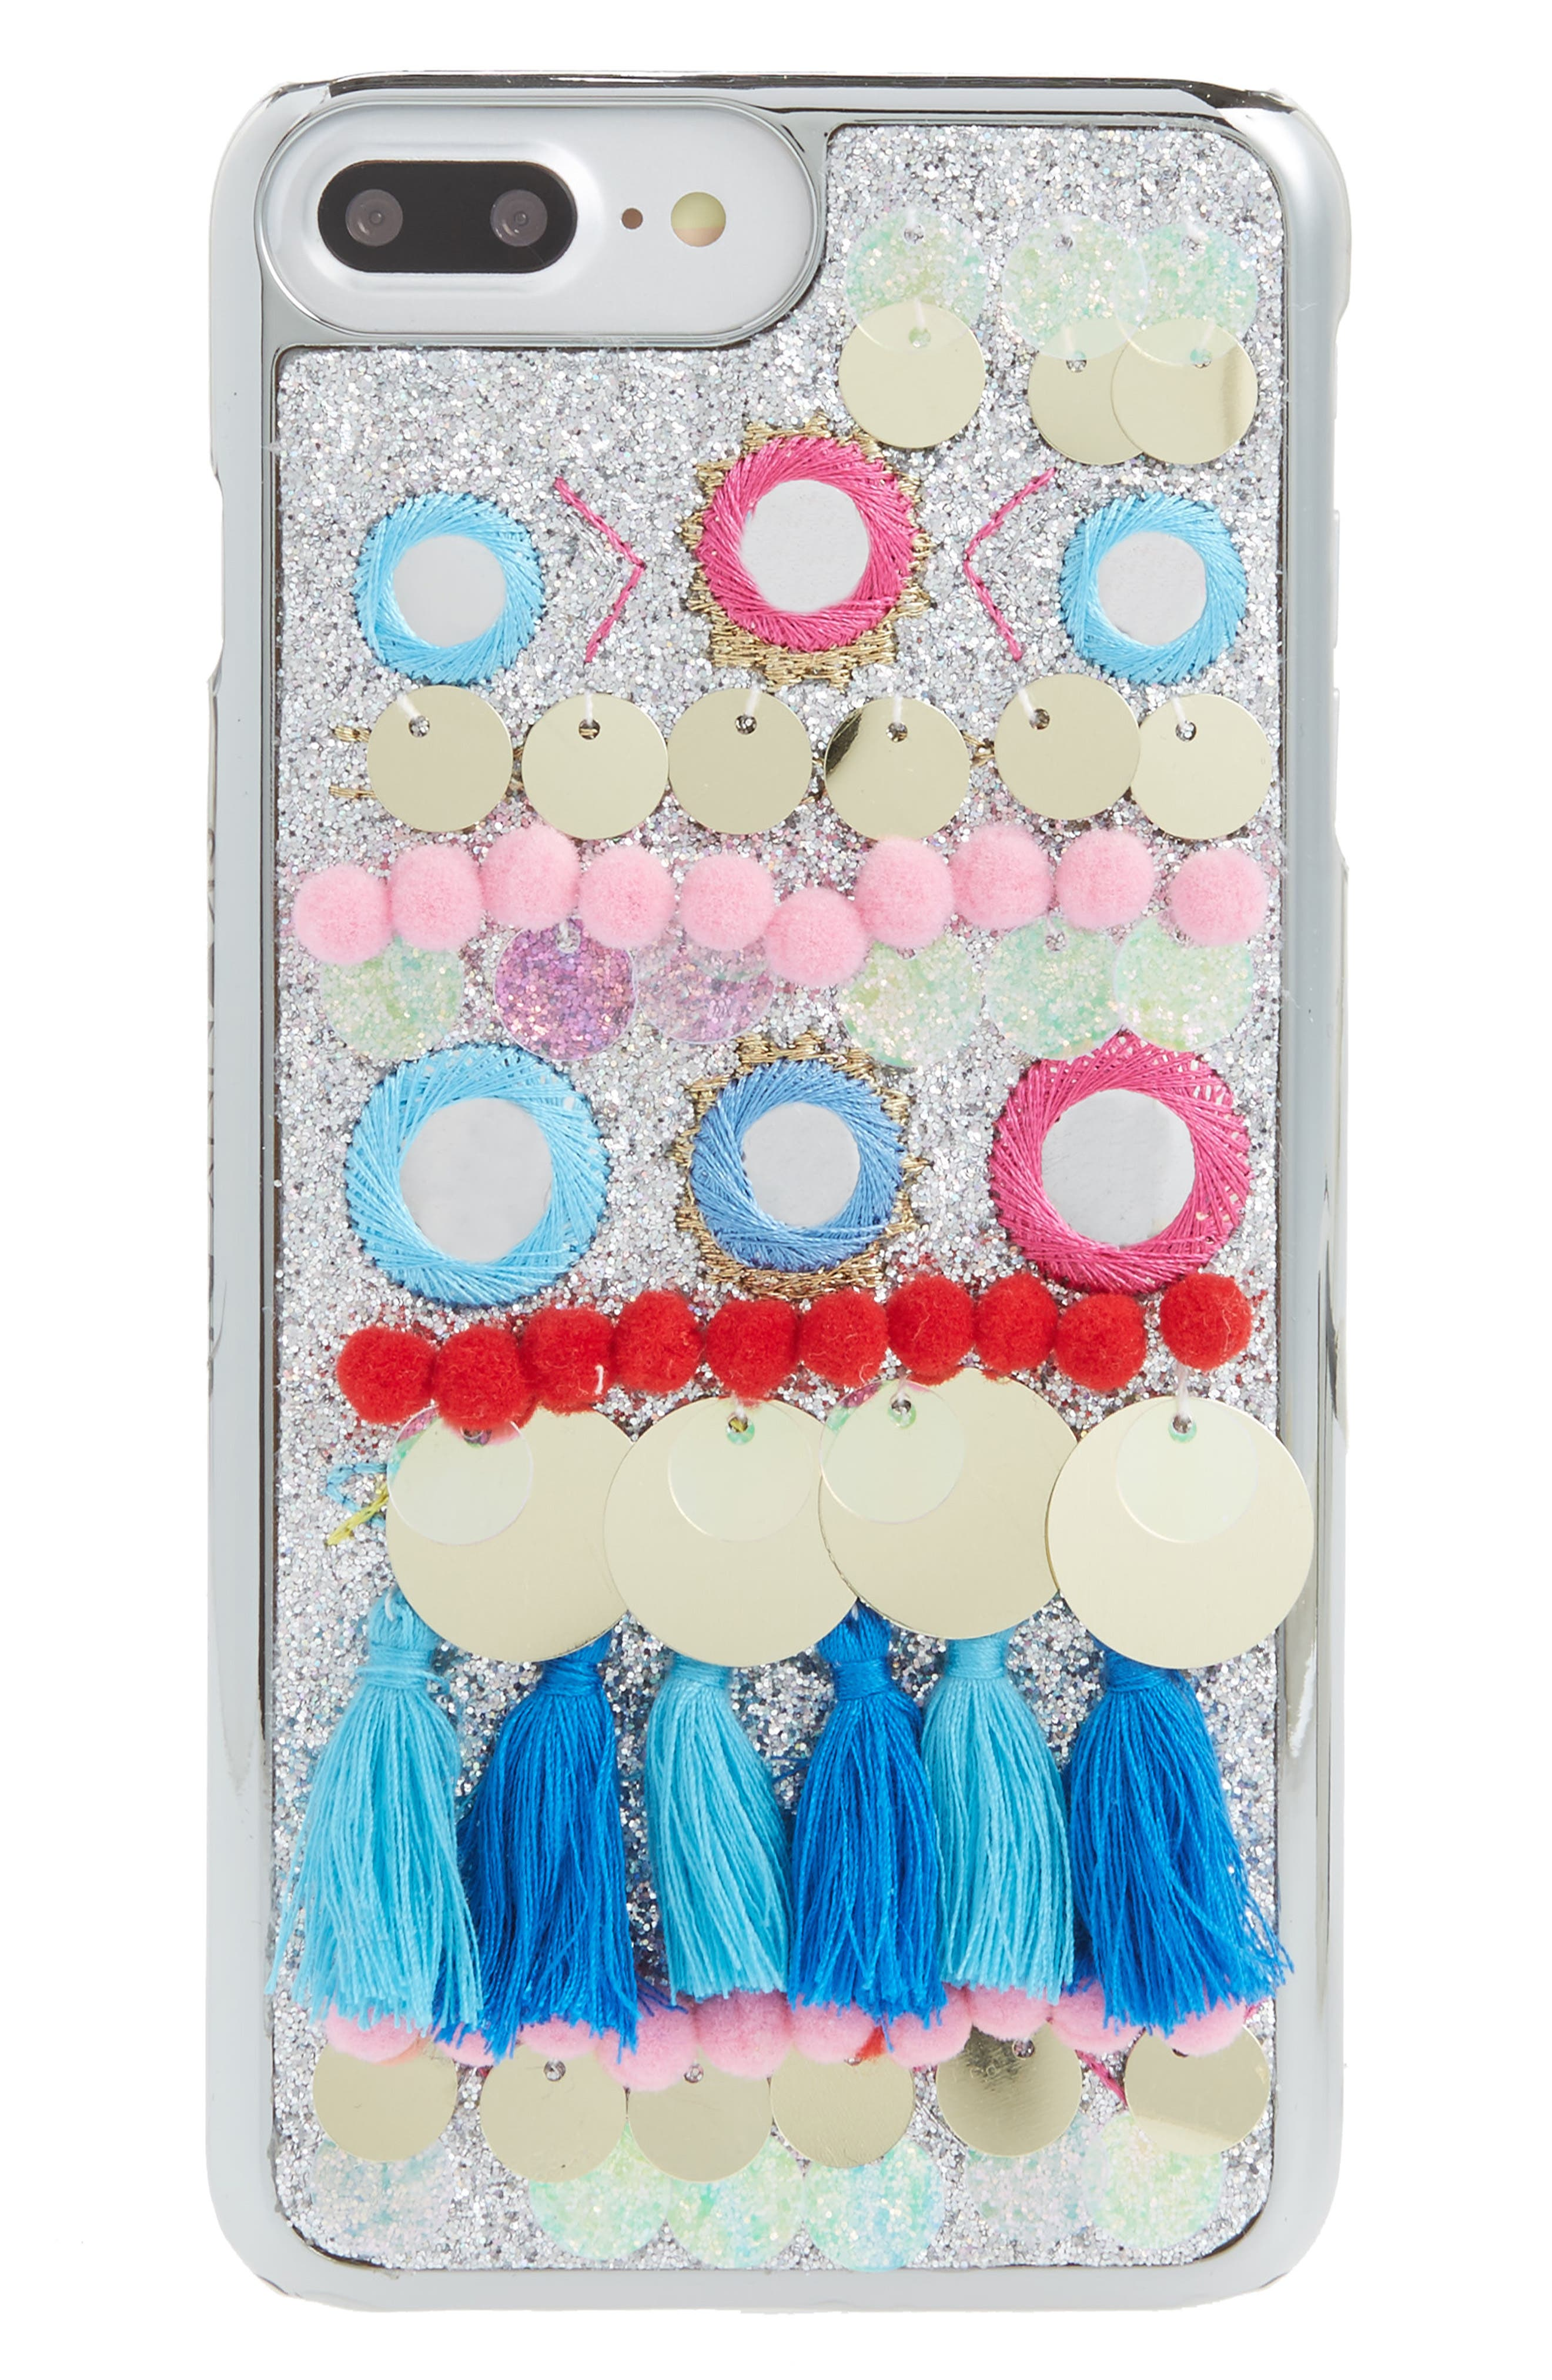 Cruz iPhone 6/7 & 6/7 Plus Case,                             Main thumbnail 1, color,                             Blue